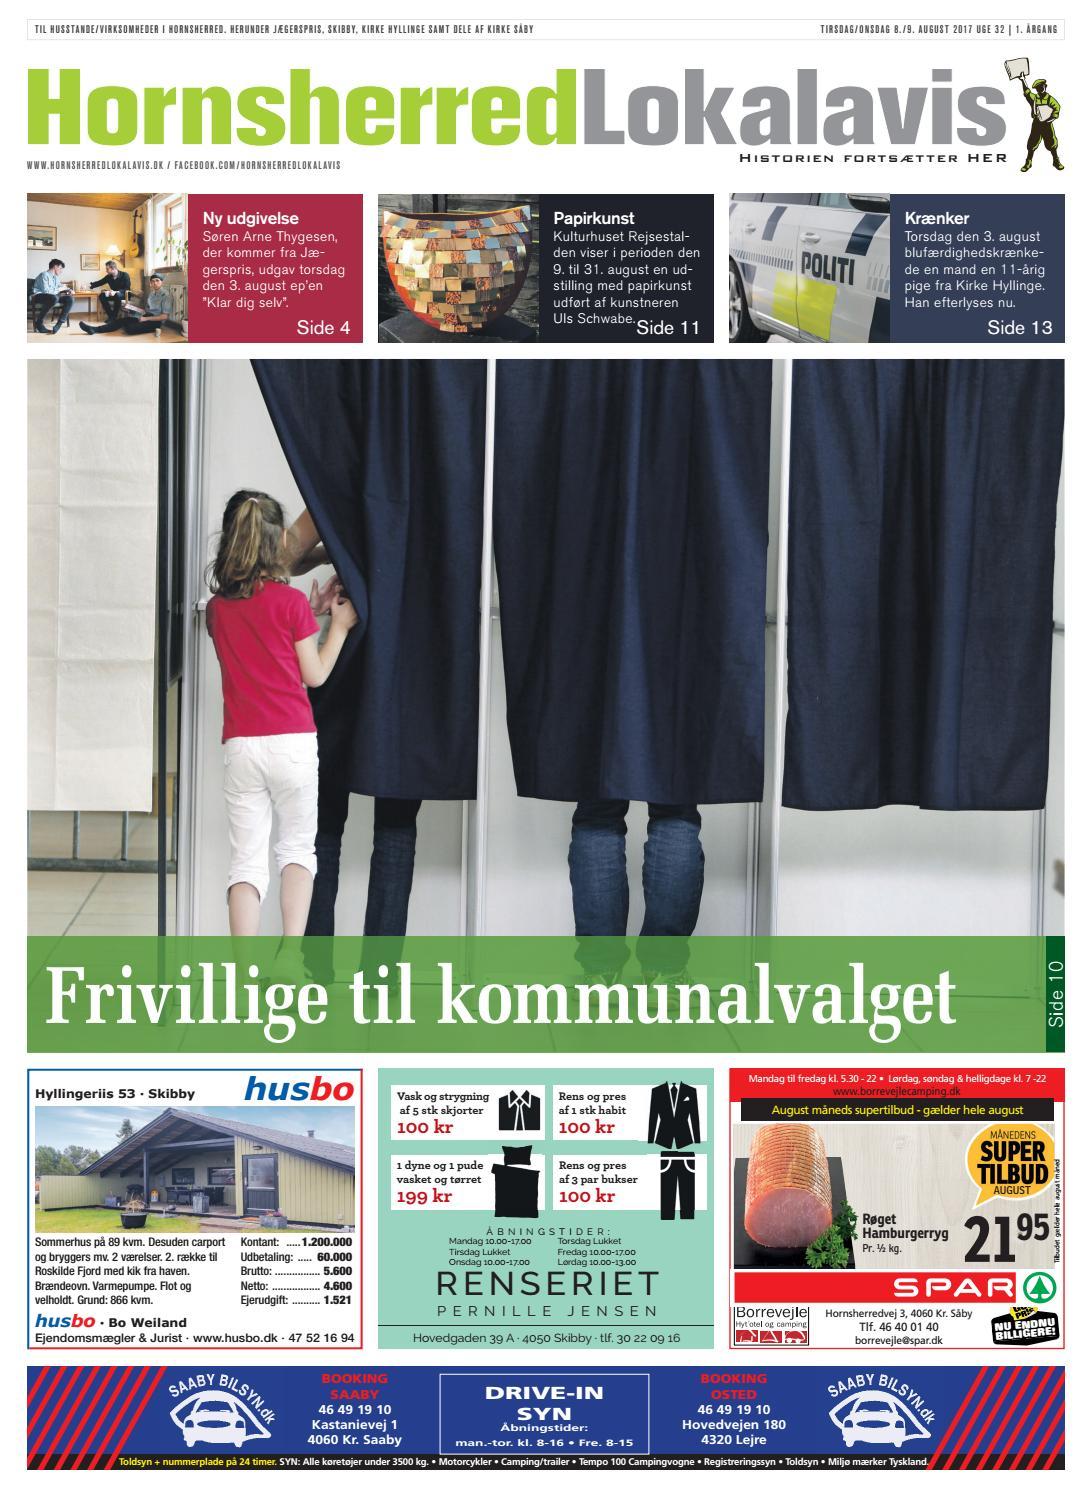 5b69ca109220 Hornsherred lokalavis uge 32 2017 by Hornsherred Lokalavis - issuu